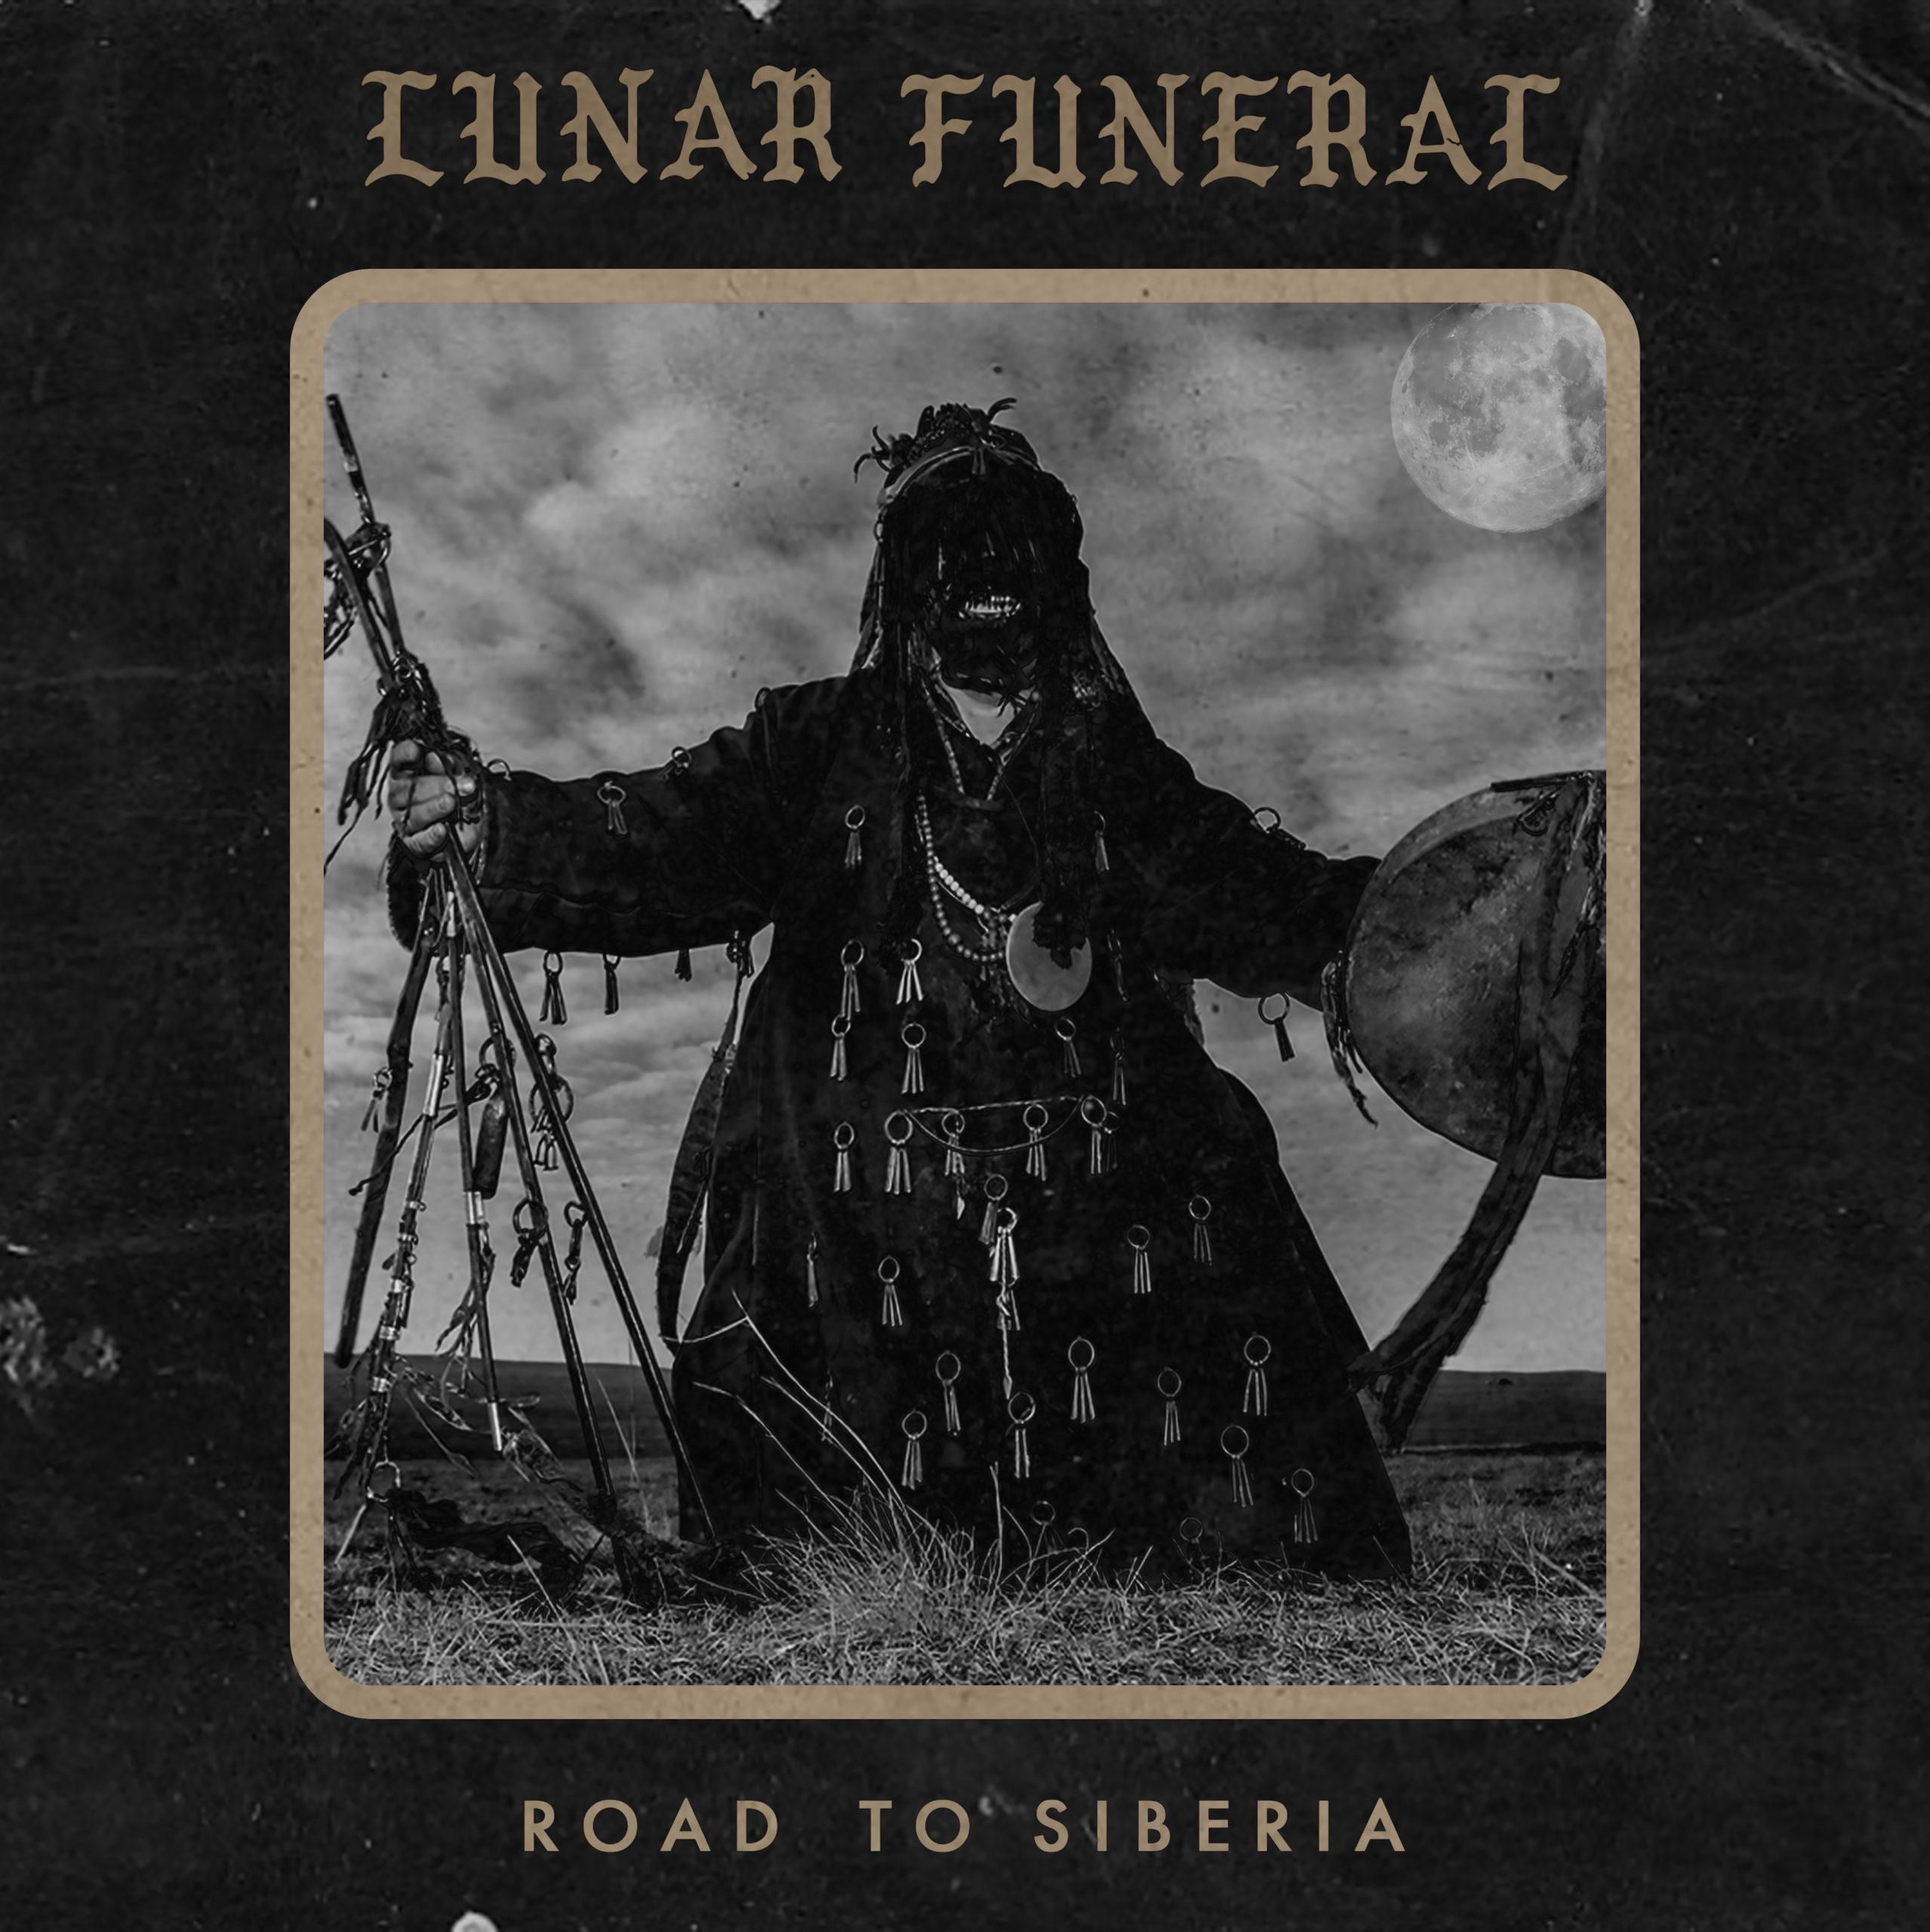 lunar funeral road to siberia